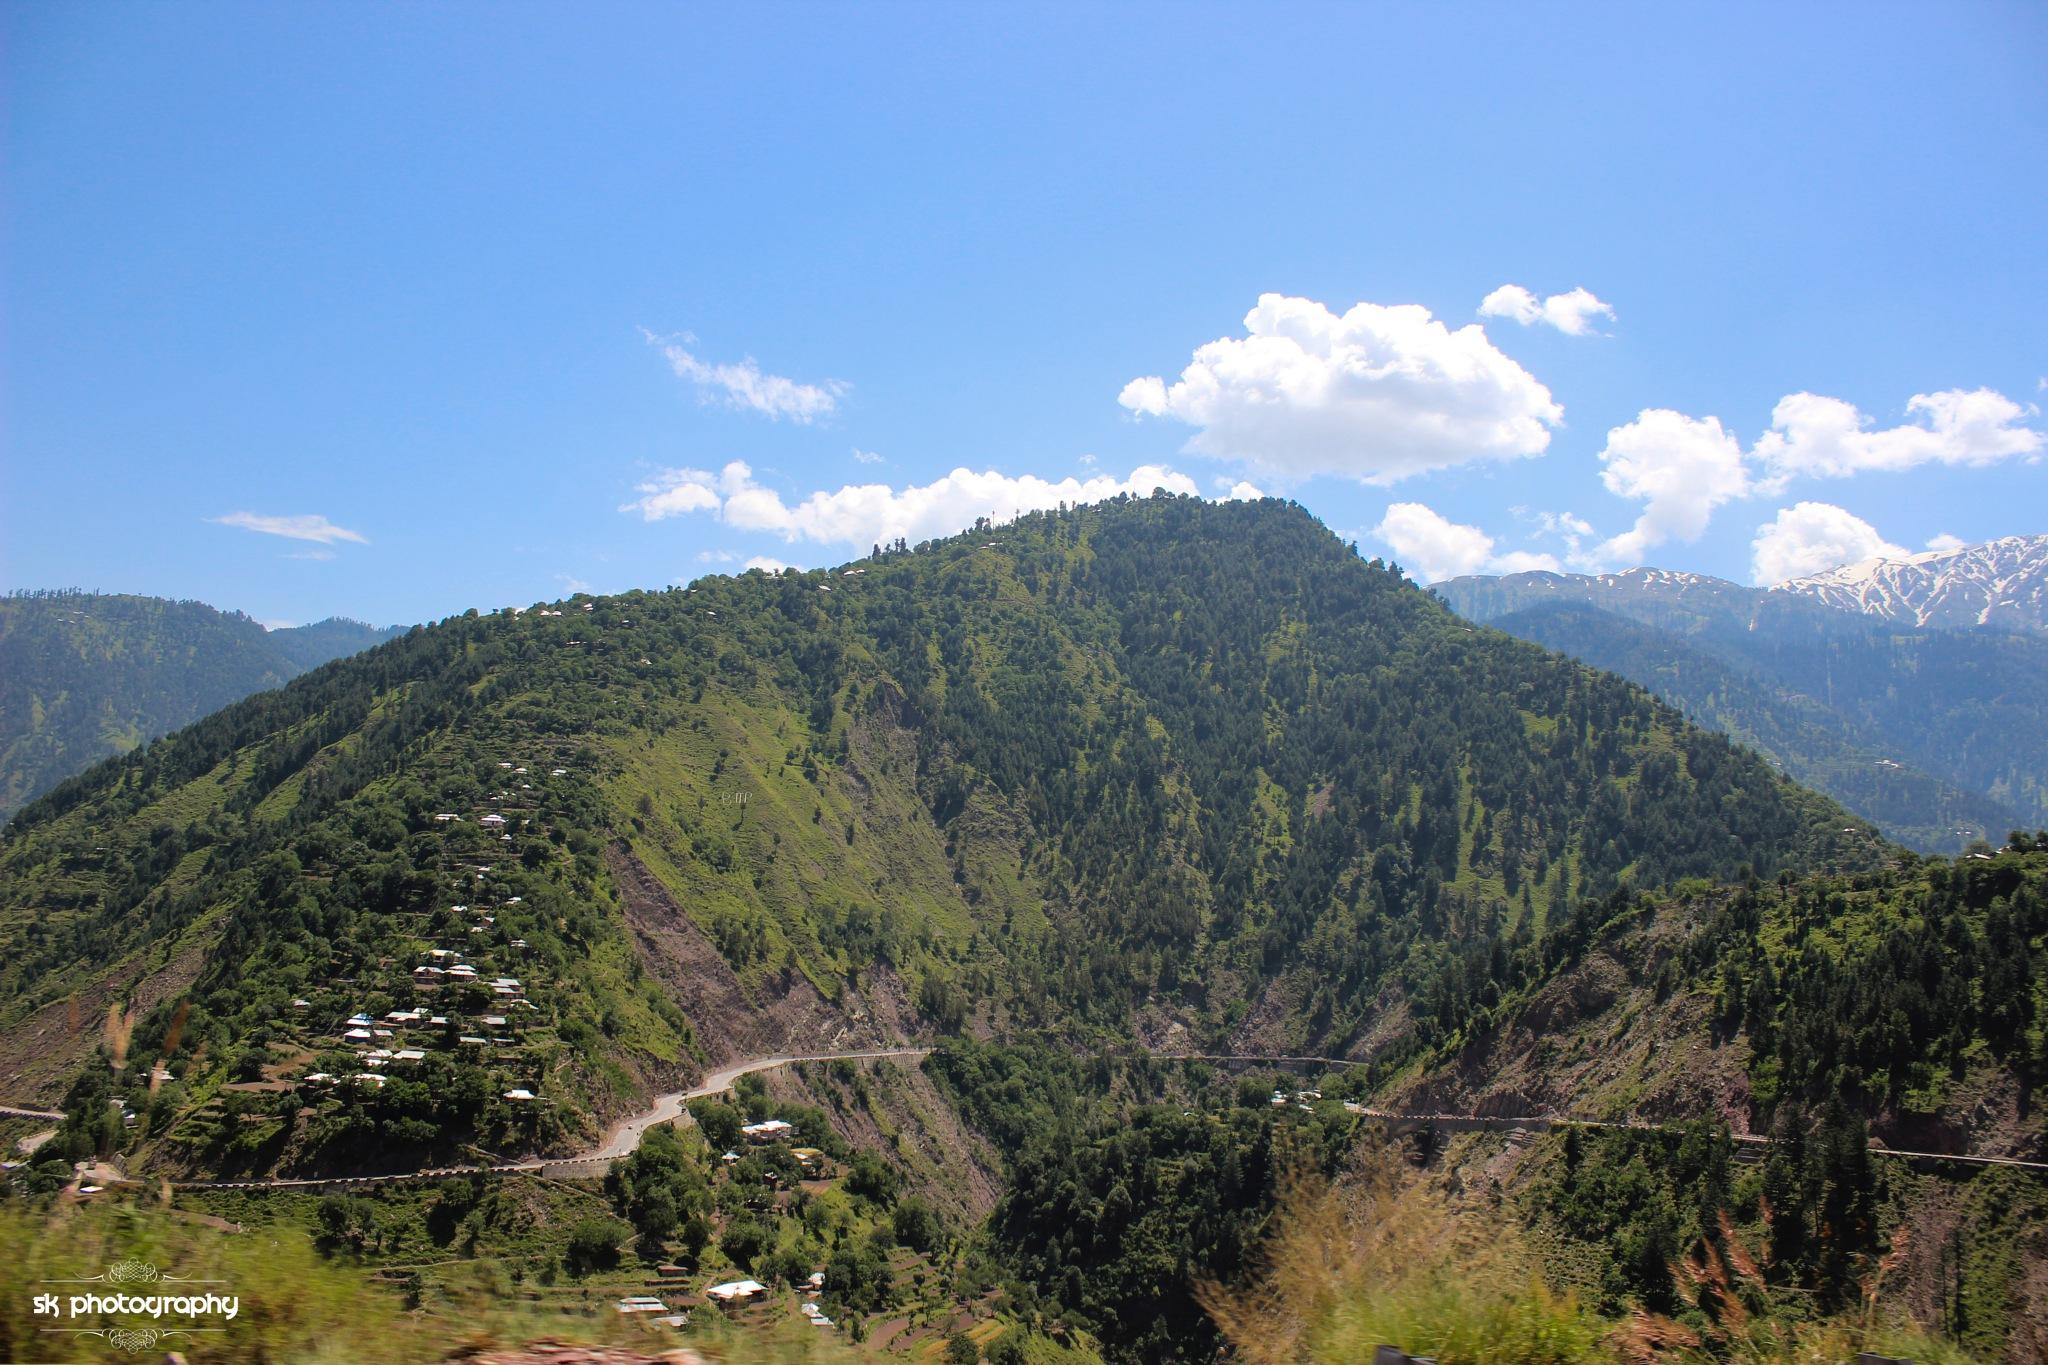 Naran Valley, PK by Sherry Khan